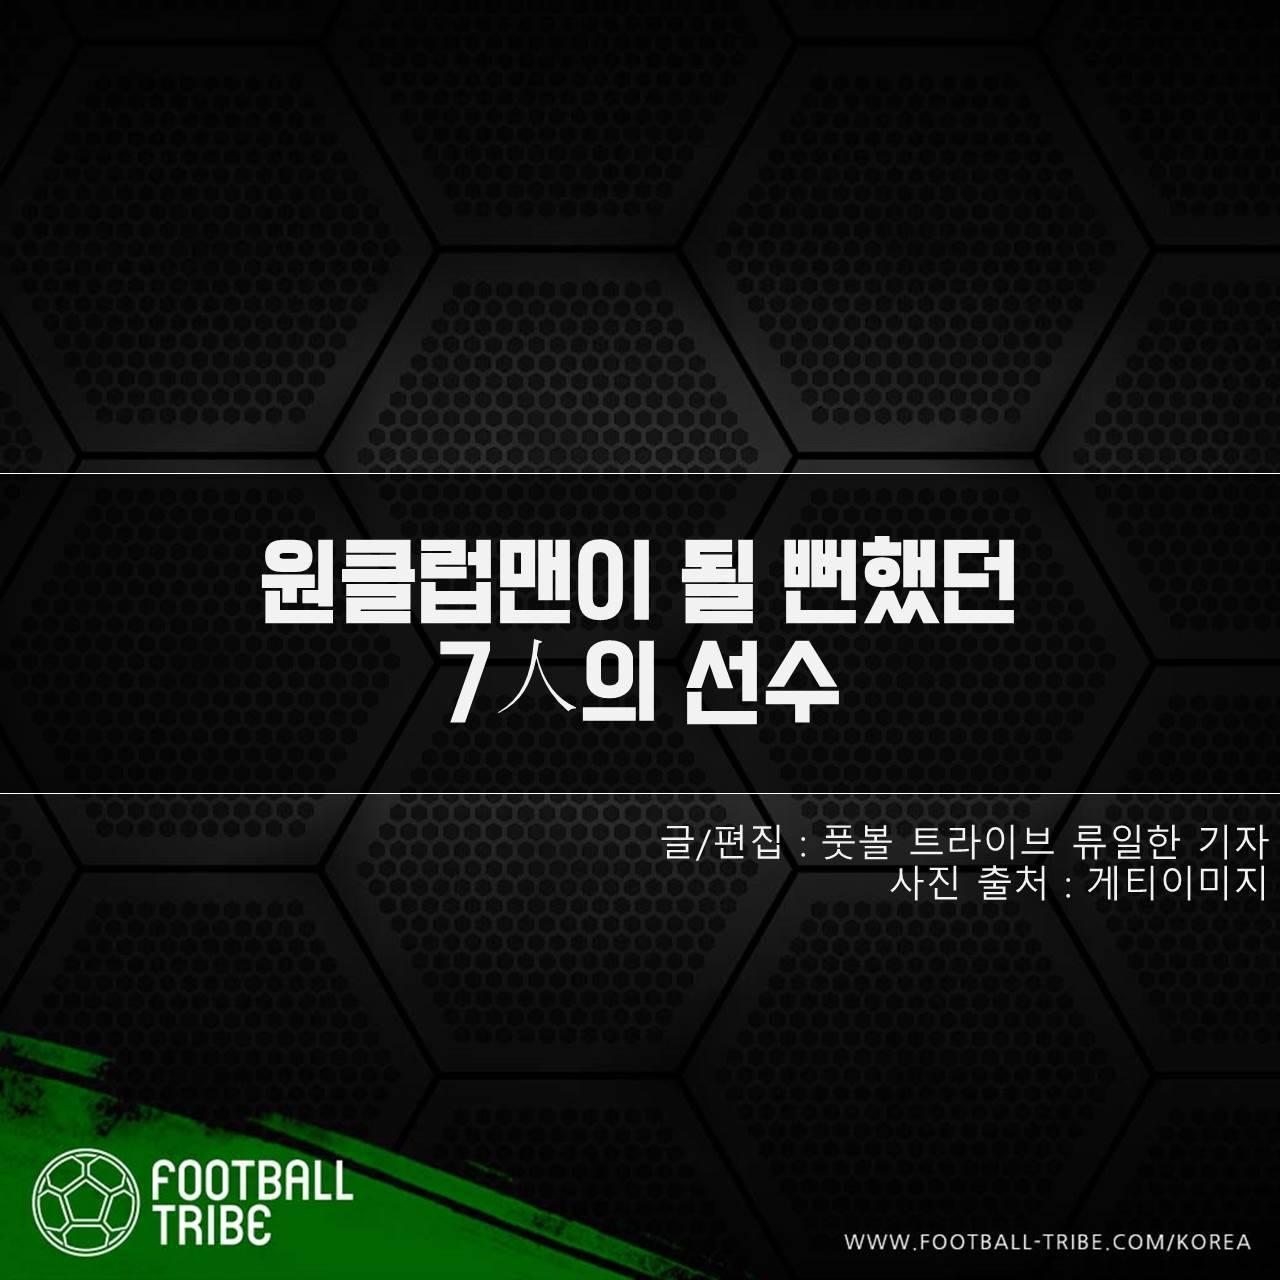 [카드 뉴스] 원클럽맨이 될 뻔했던 7人의 선수